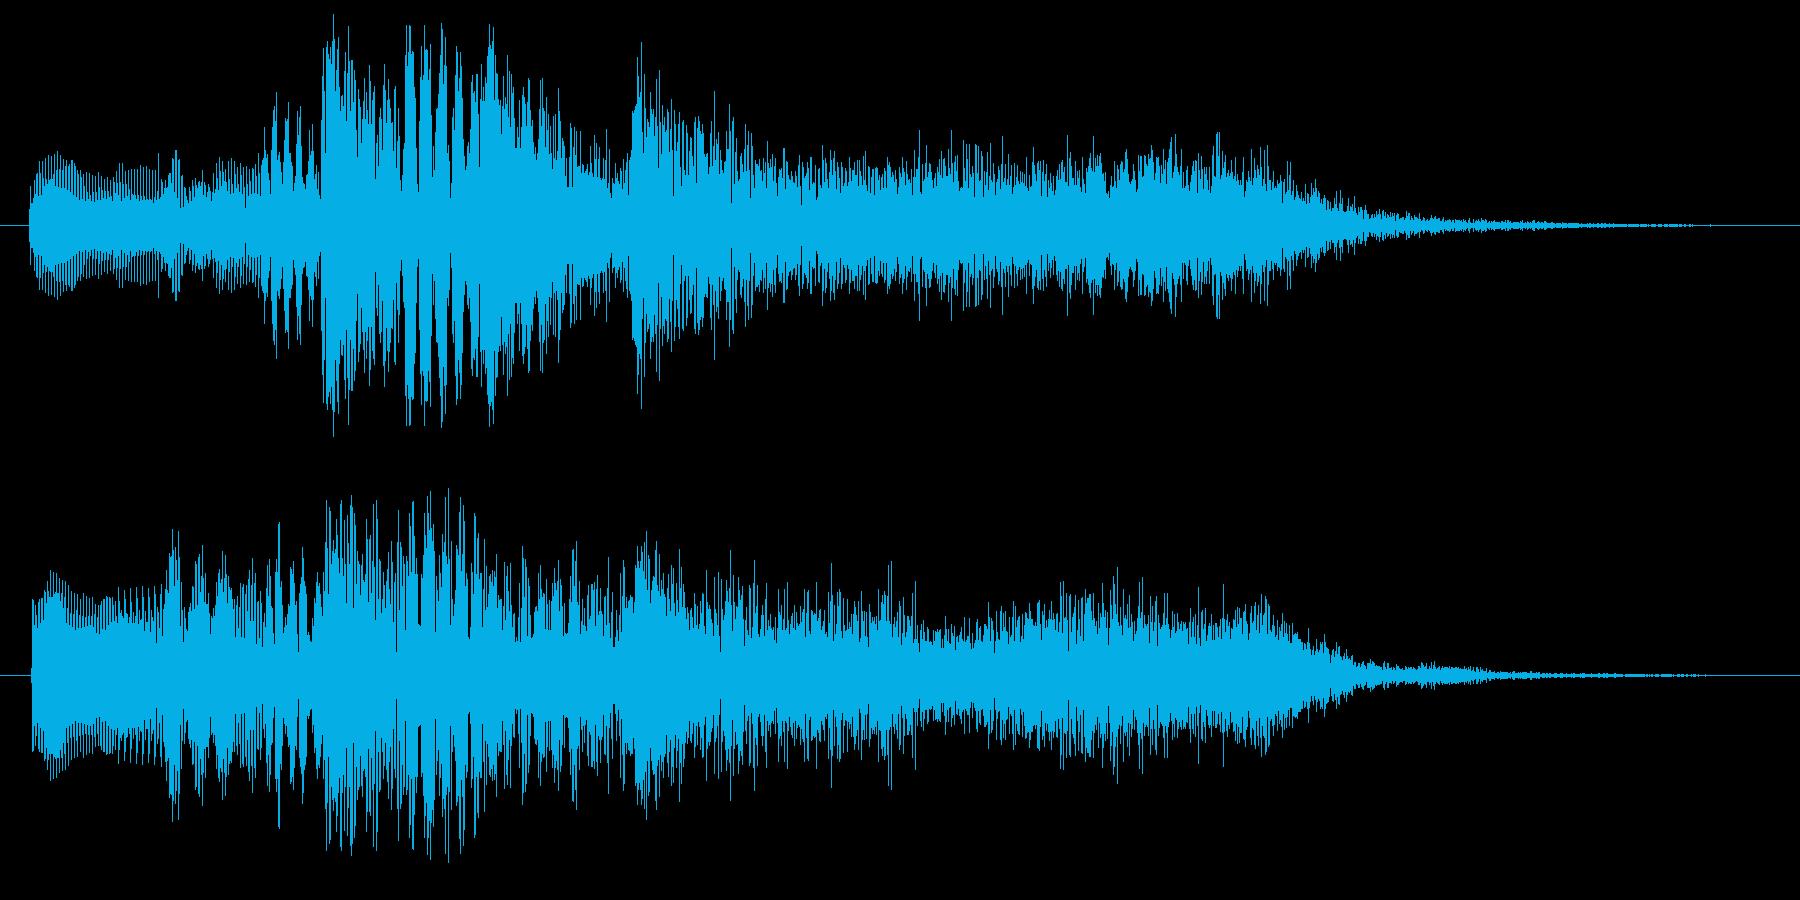 ハープとストリングスのジングル2の再生済みの波形